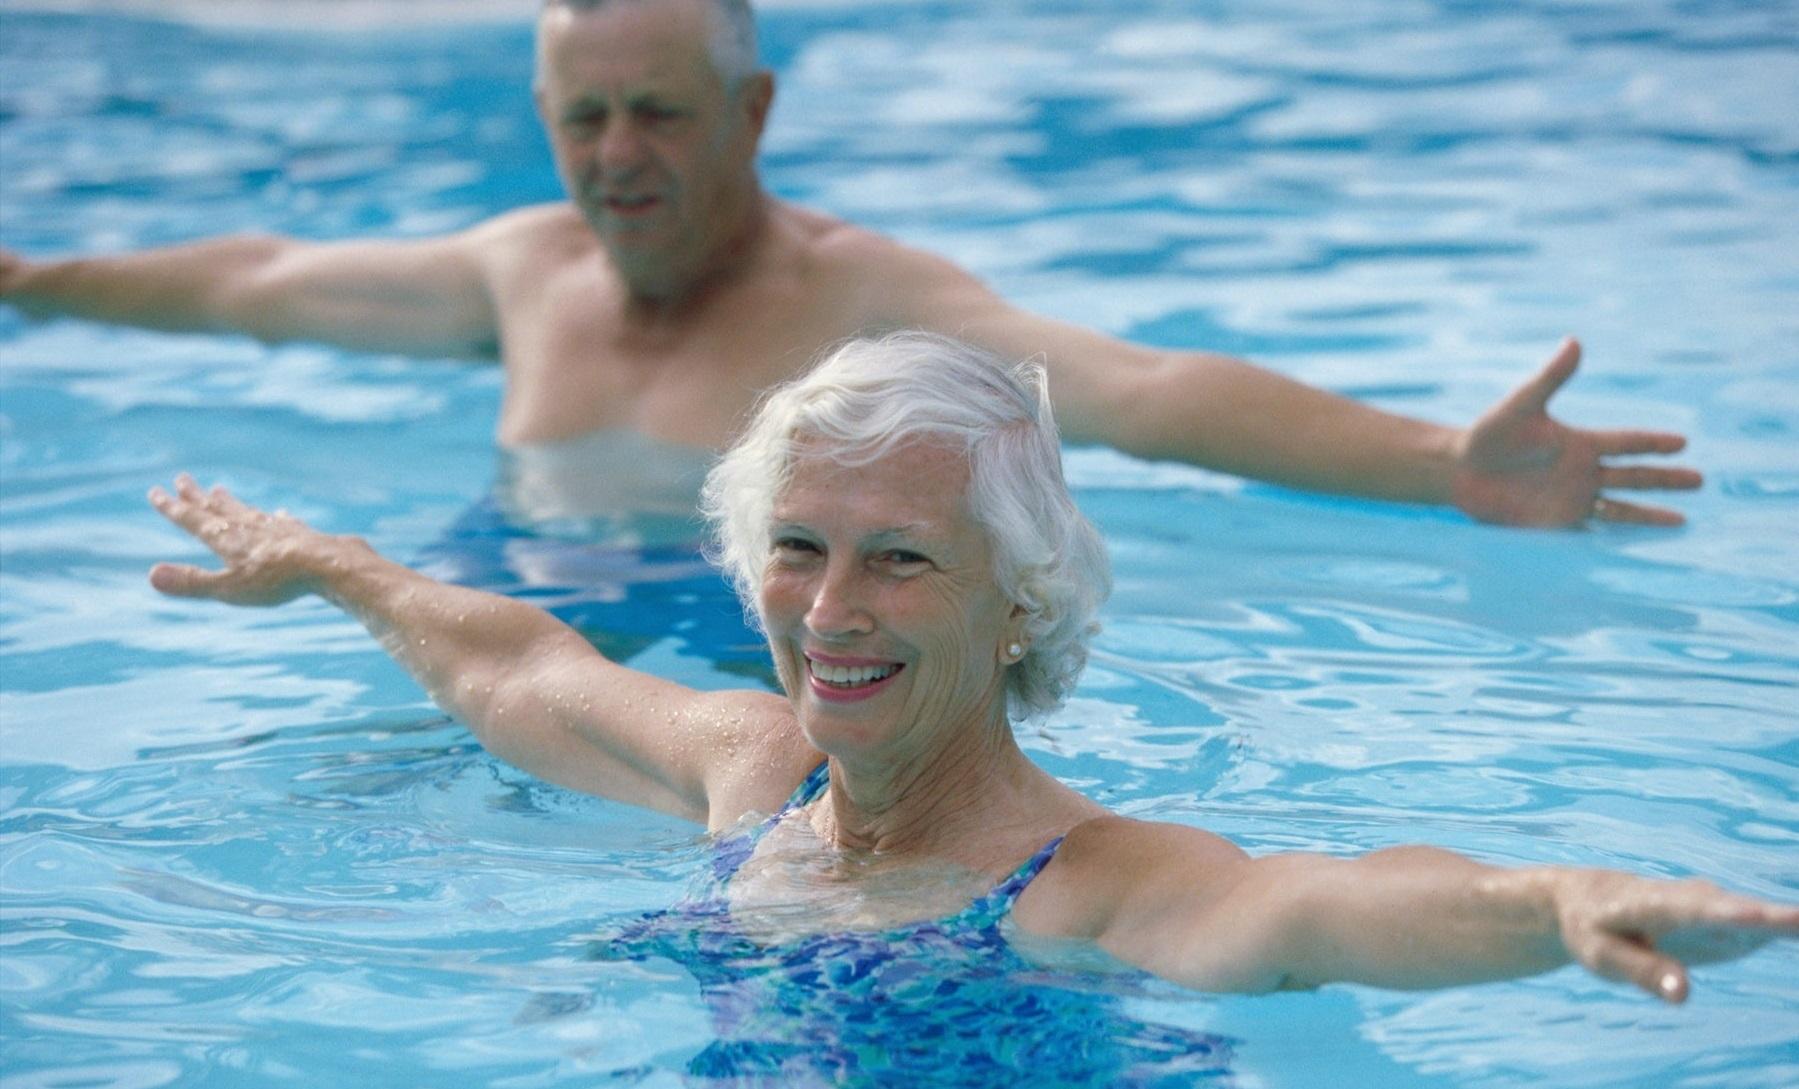 sport sante - natation - exercice physique - energie - entrainement - bien-etre - forme